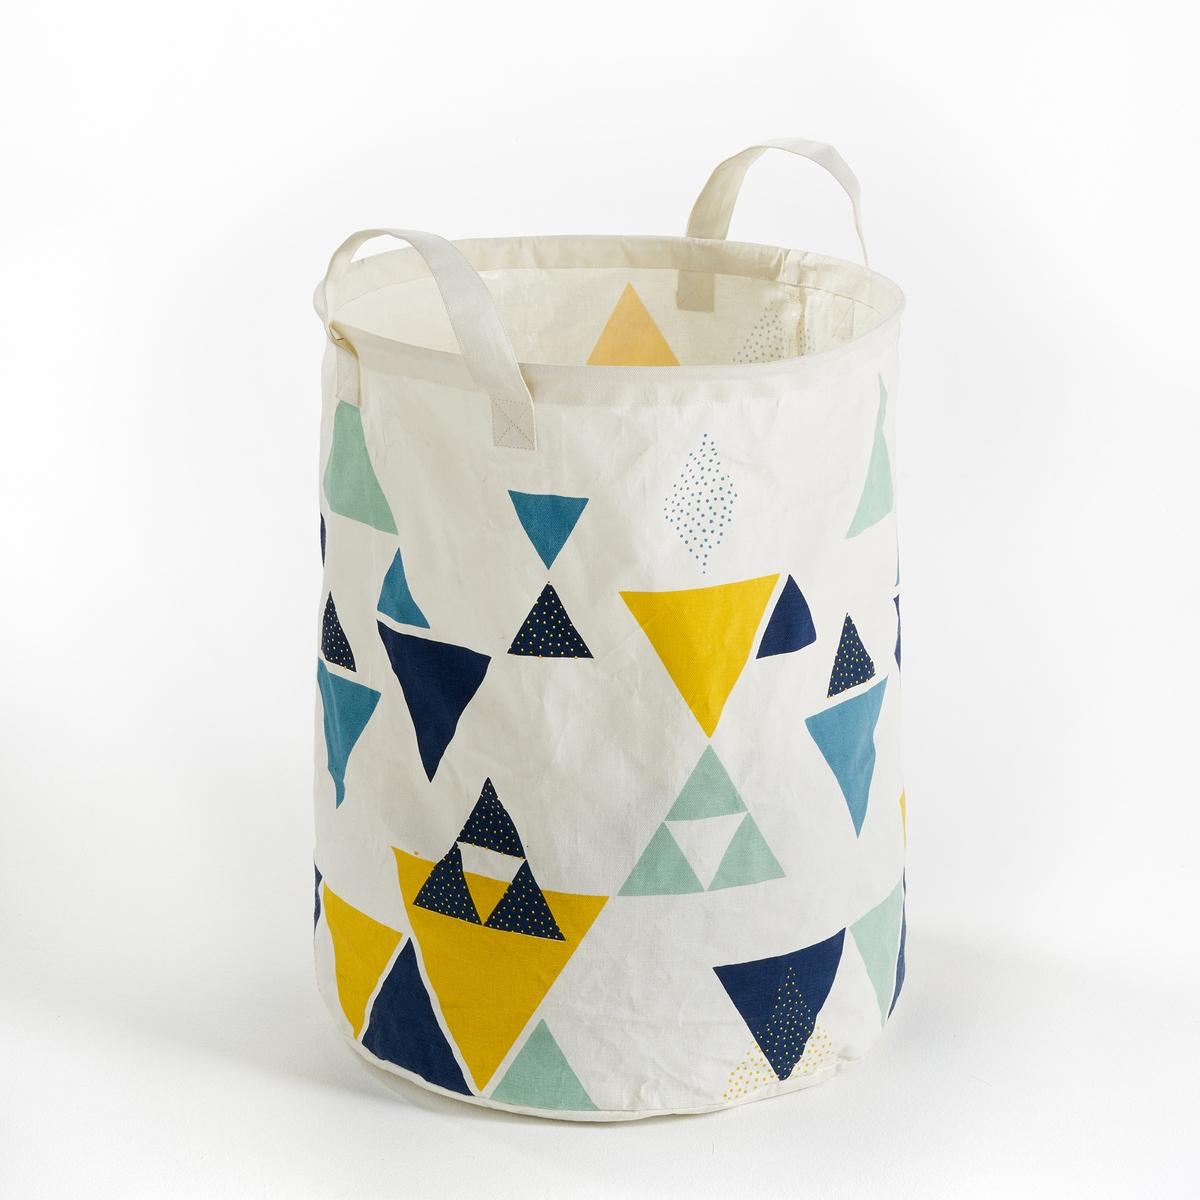 Корзина из хлопка с пропиткой TESSELLOГрафический рисунок в скандинавском стиле, корзина для хранения журналов, игрушек, белья…                          Характеристики корзины Tessello :  100% хлопок, раскрашенный и обработанный пропиткой для придания твердости    Размеры корзины Tessello :  Высота 50 см          Диаметр 45 см<br><br>Цвет: разноцветный